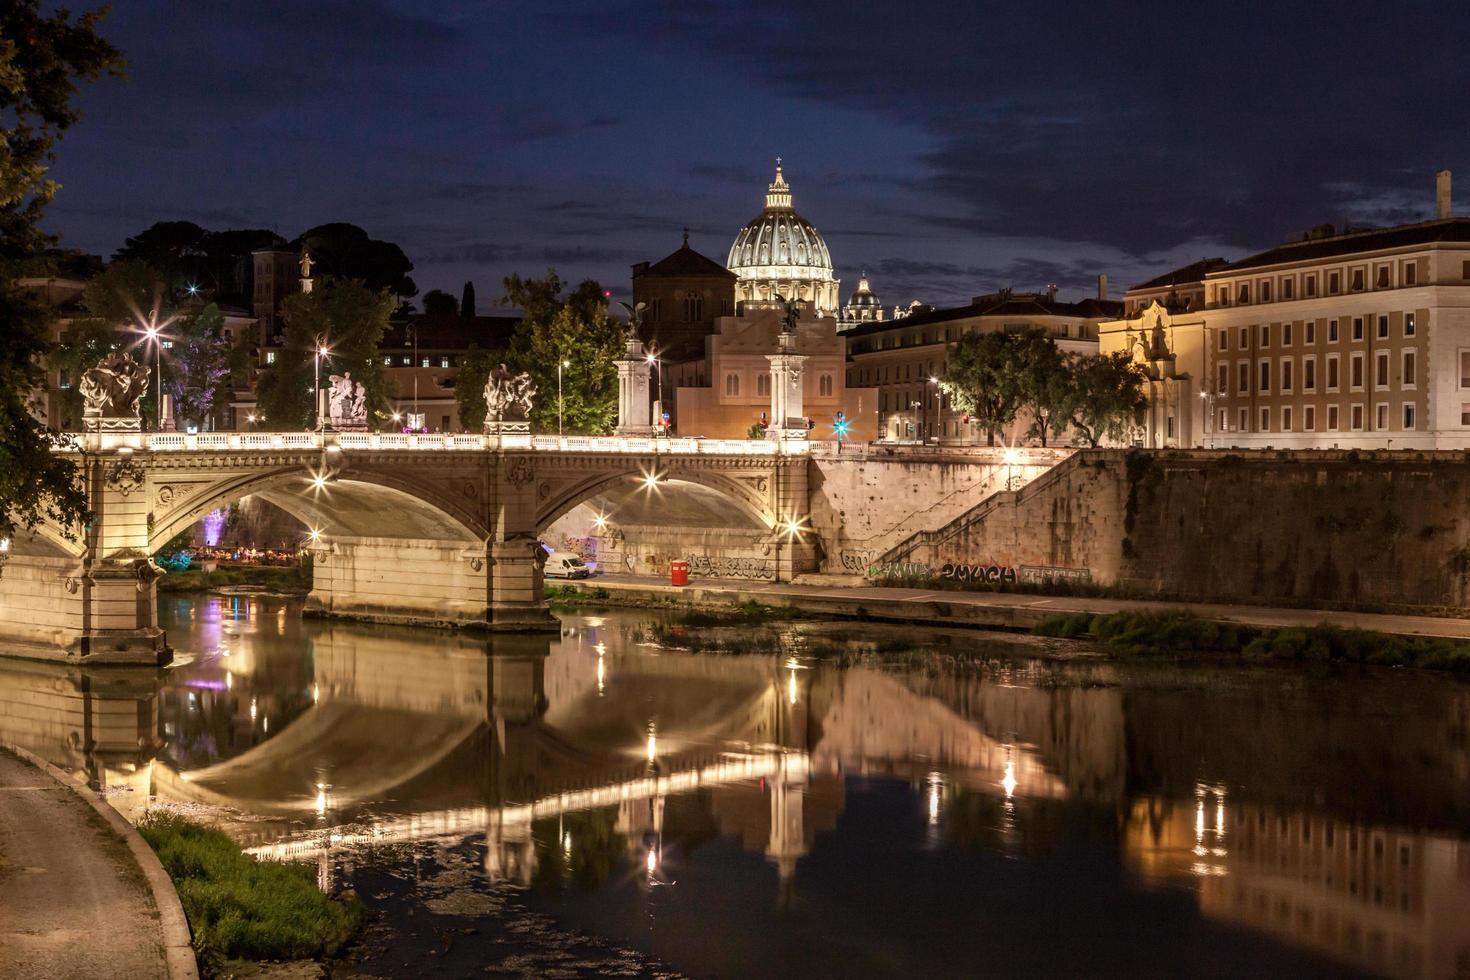 roma, italia, 2020 - ponte di notte foto